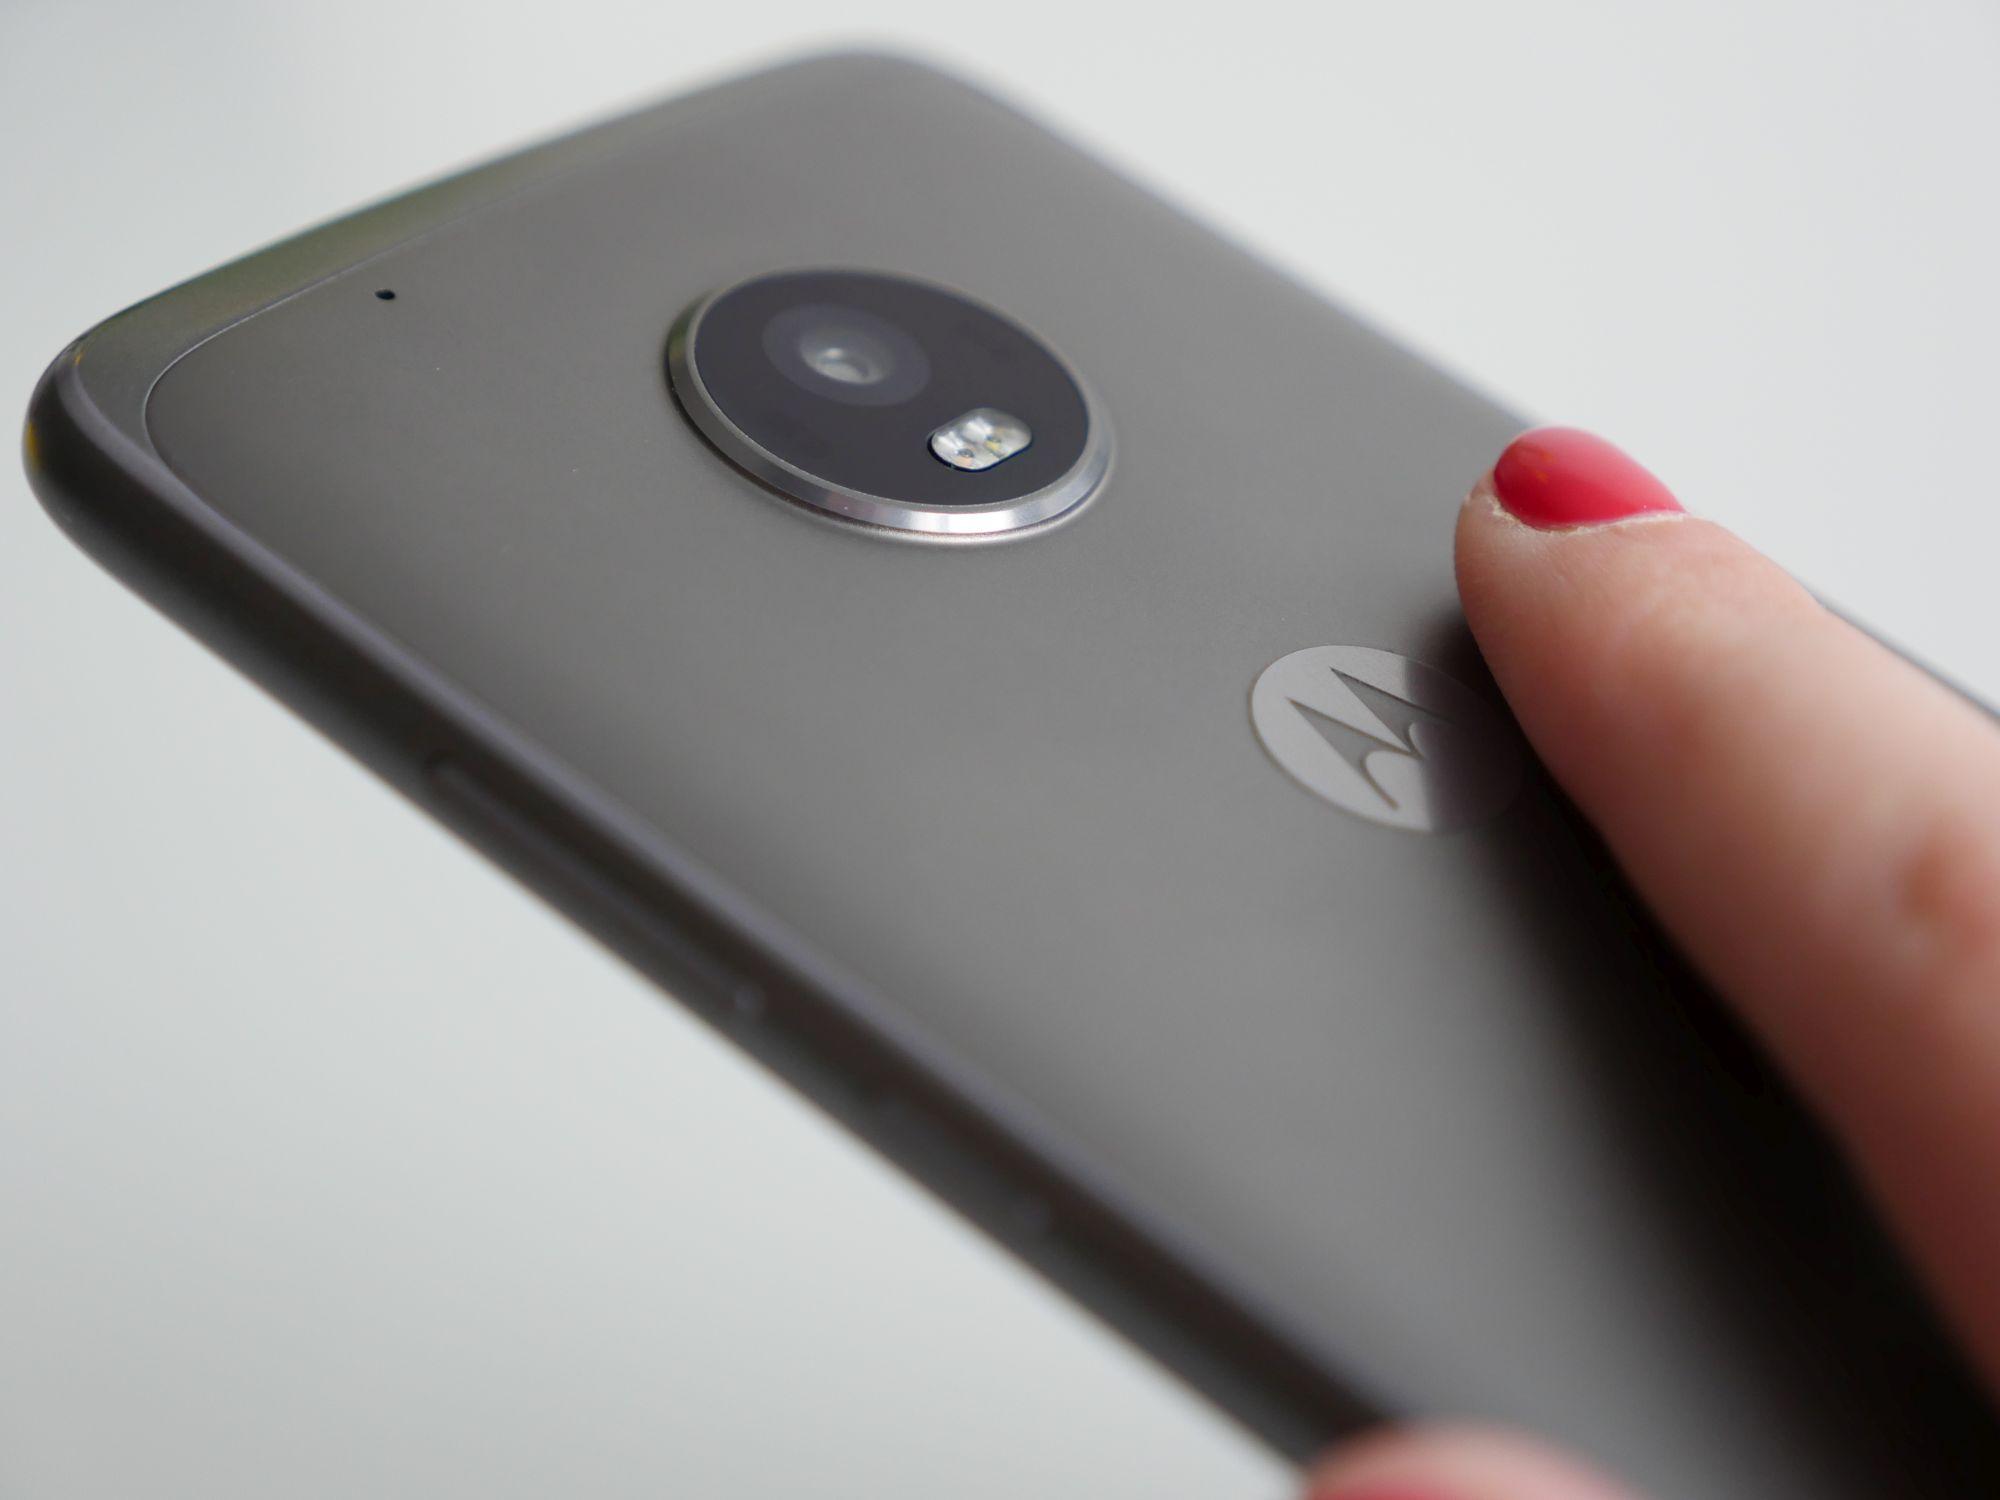 Zapowiada się ciekawie: Motorola wypuści na rynek budżetową wersję budżetowego smartfona 22